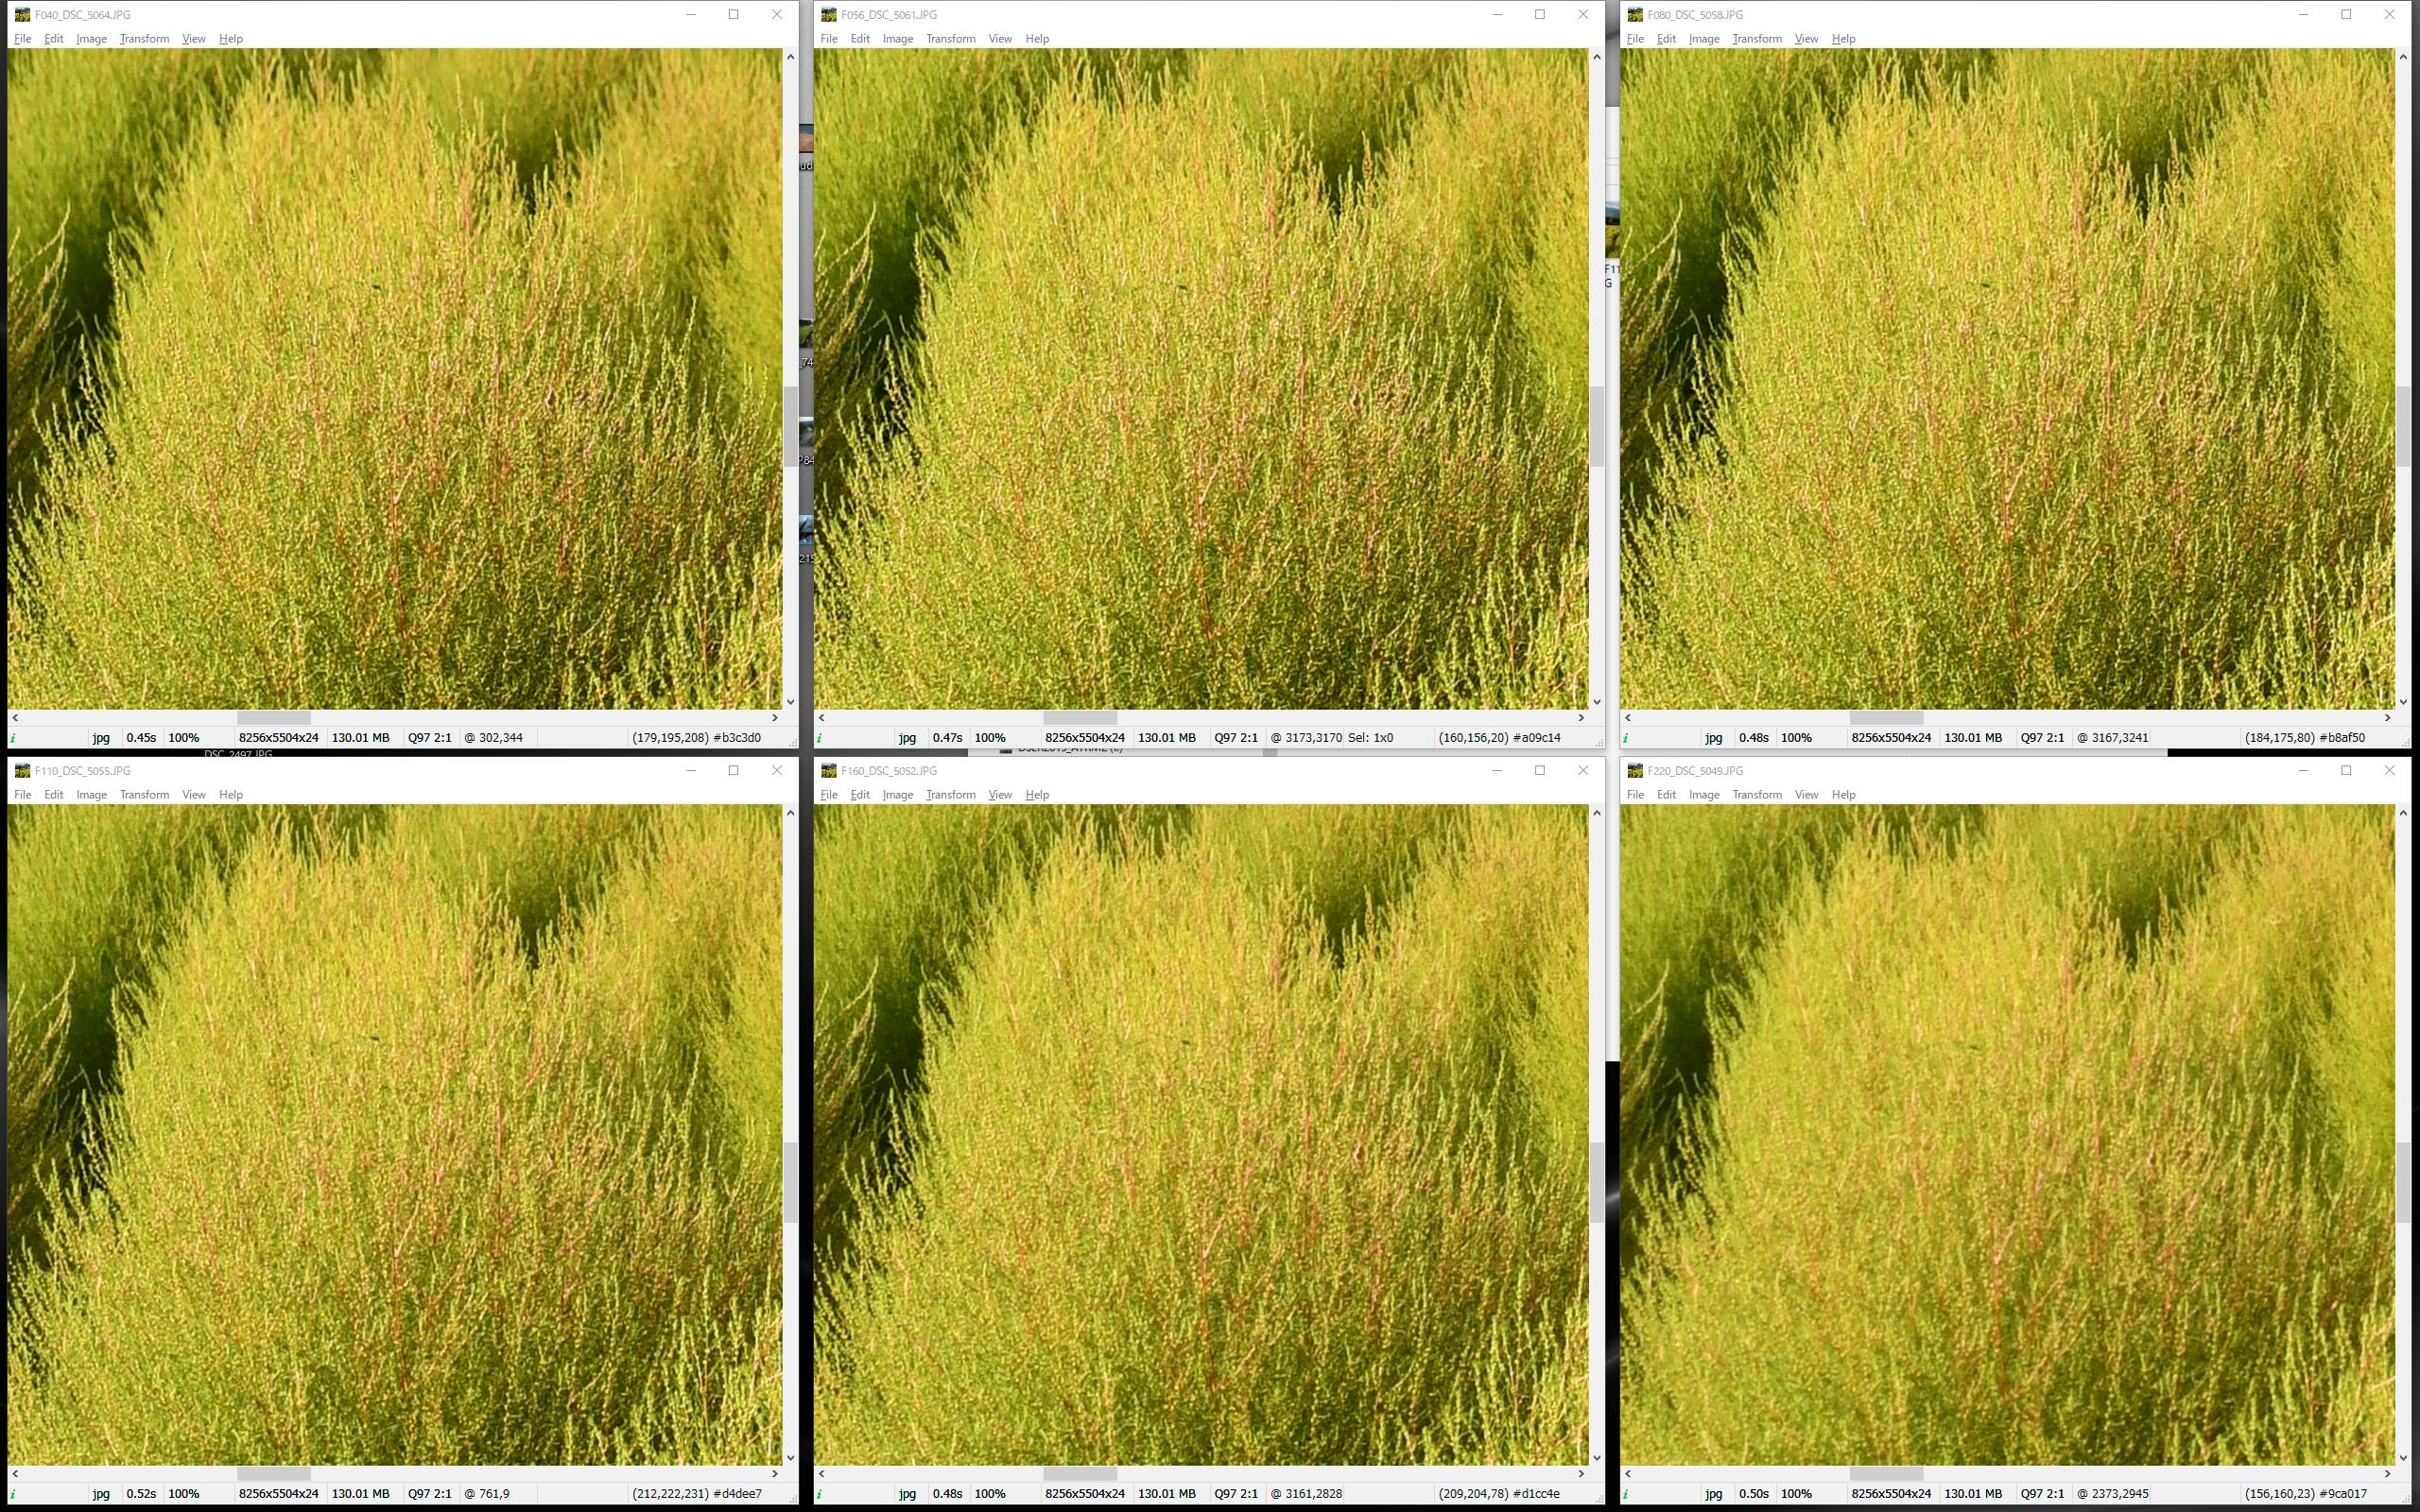 画面中央の中近景。ピントを合わせた箇所で、F4~F5.6が解像のピークで、F8から徐々に解像は低下しているが、F16まではなんとか許容範囲か? F22は解像もコントラストも低下している。